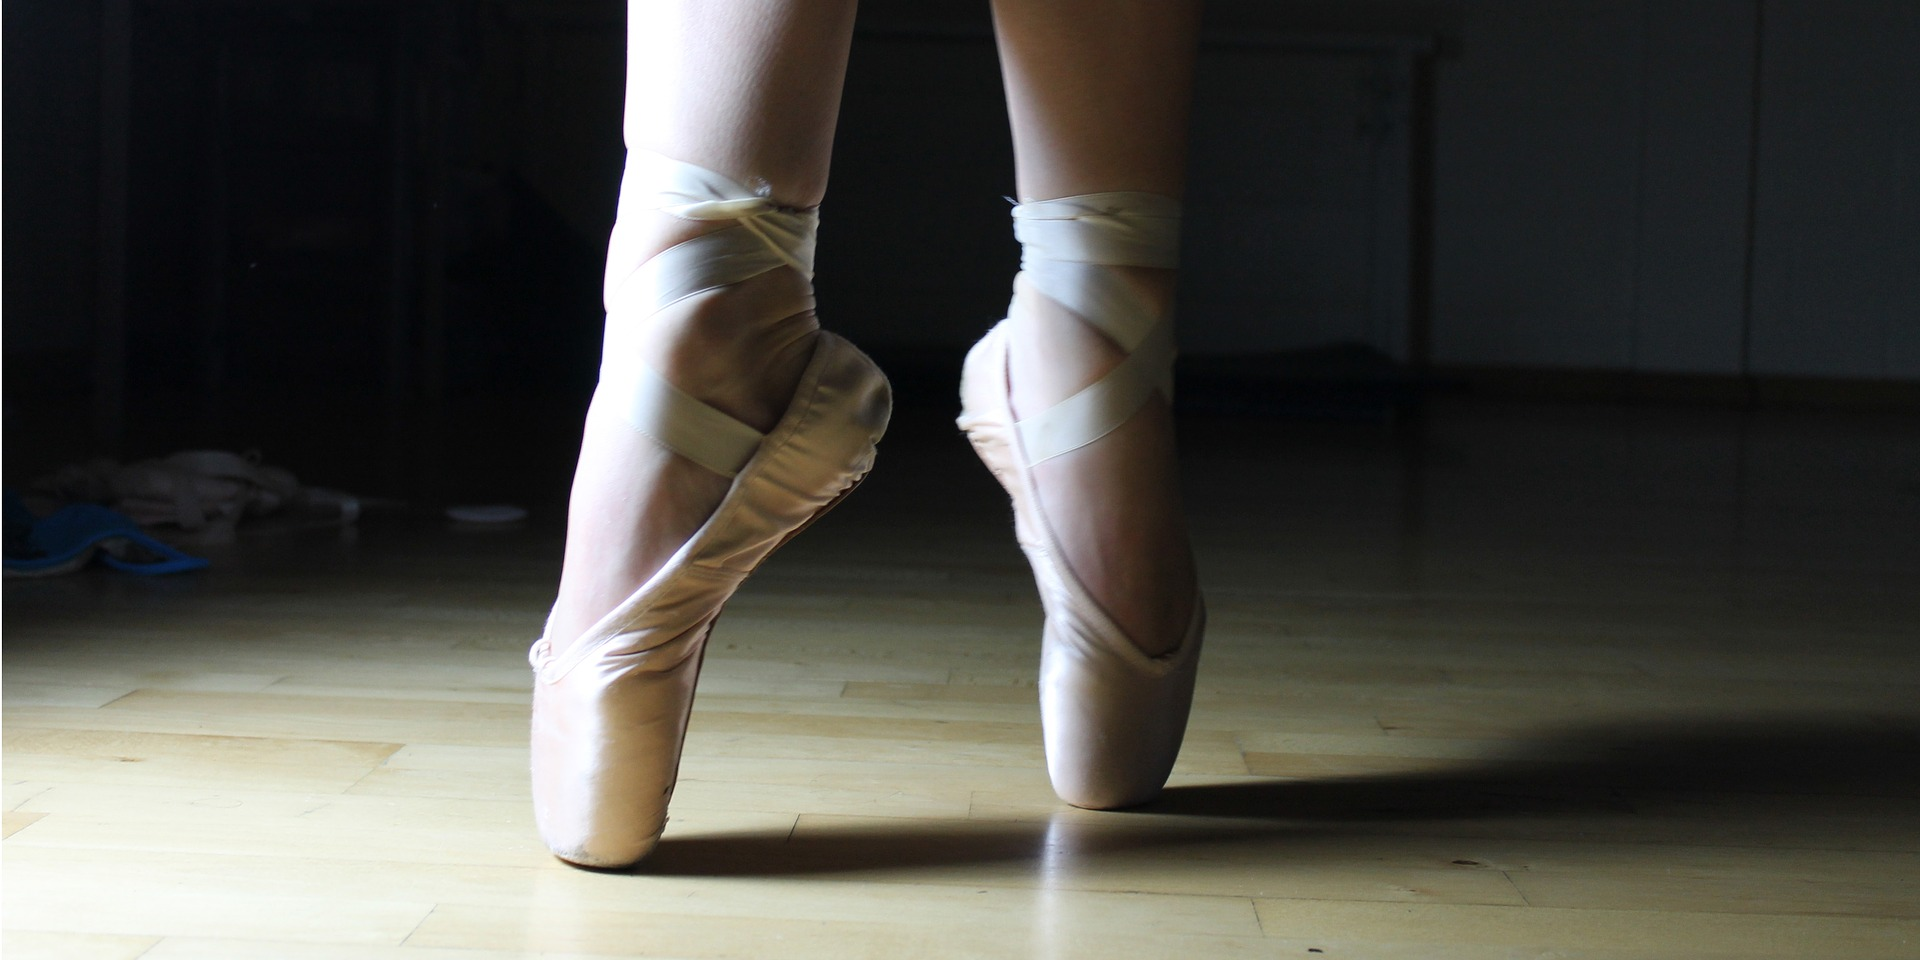 ballet-feet-2037861_1920